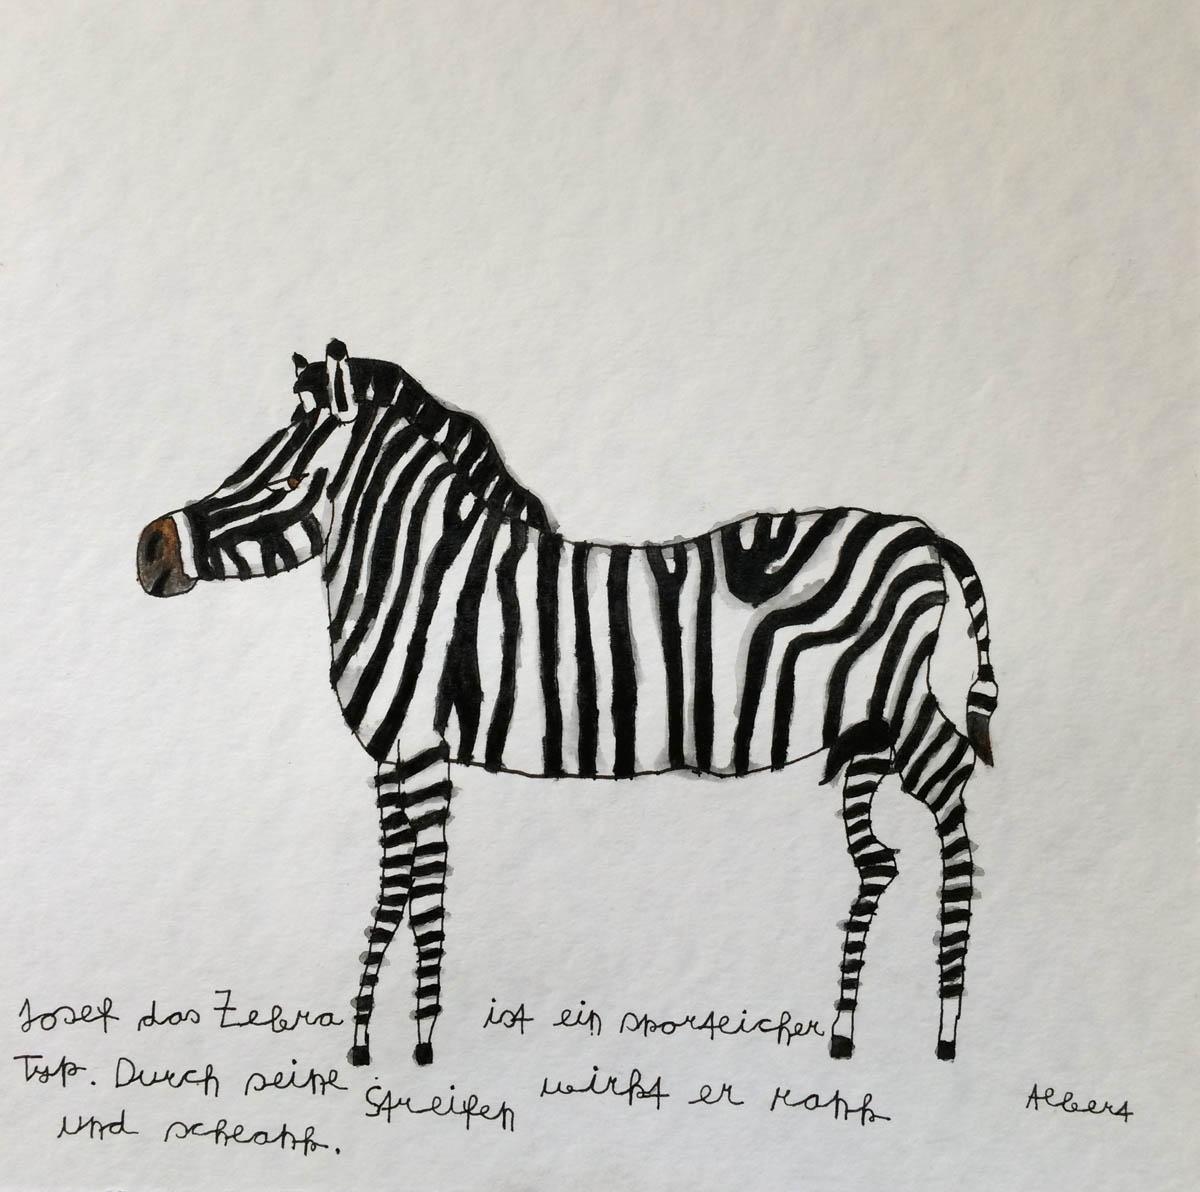 Josef_das_Zebra